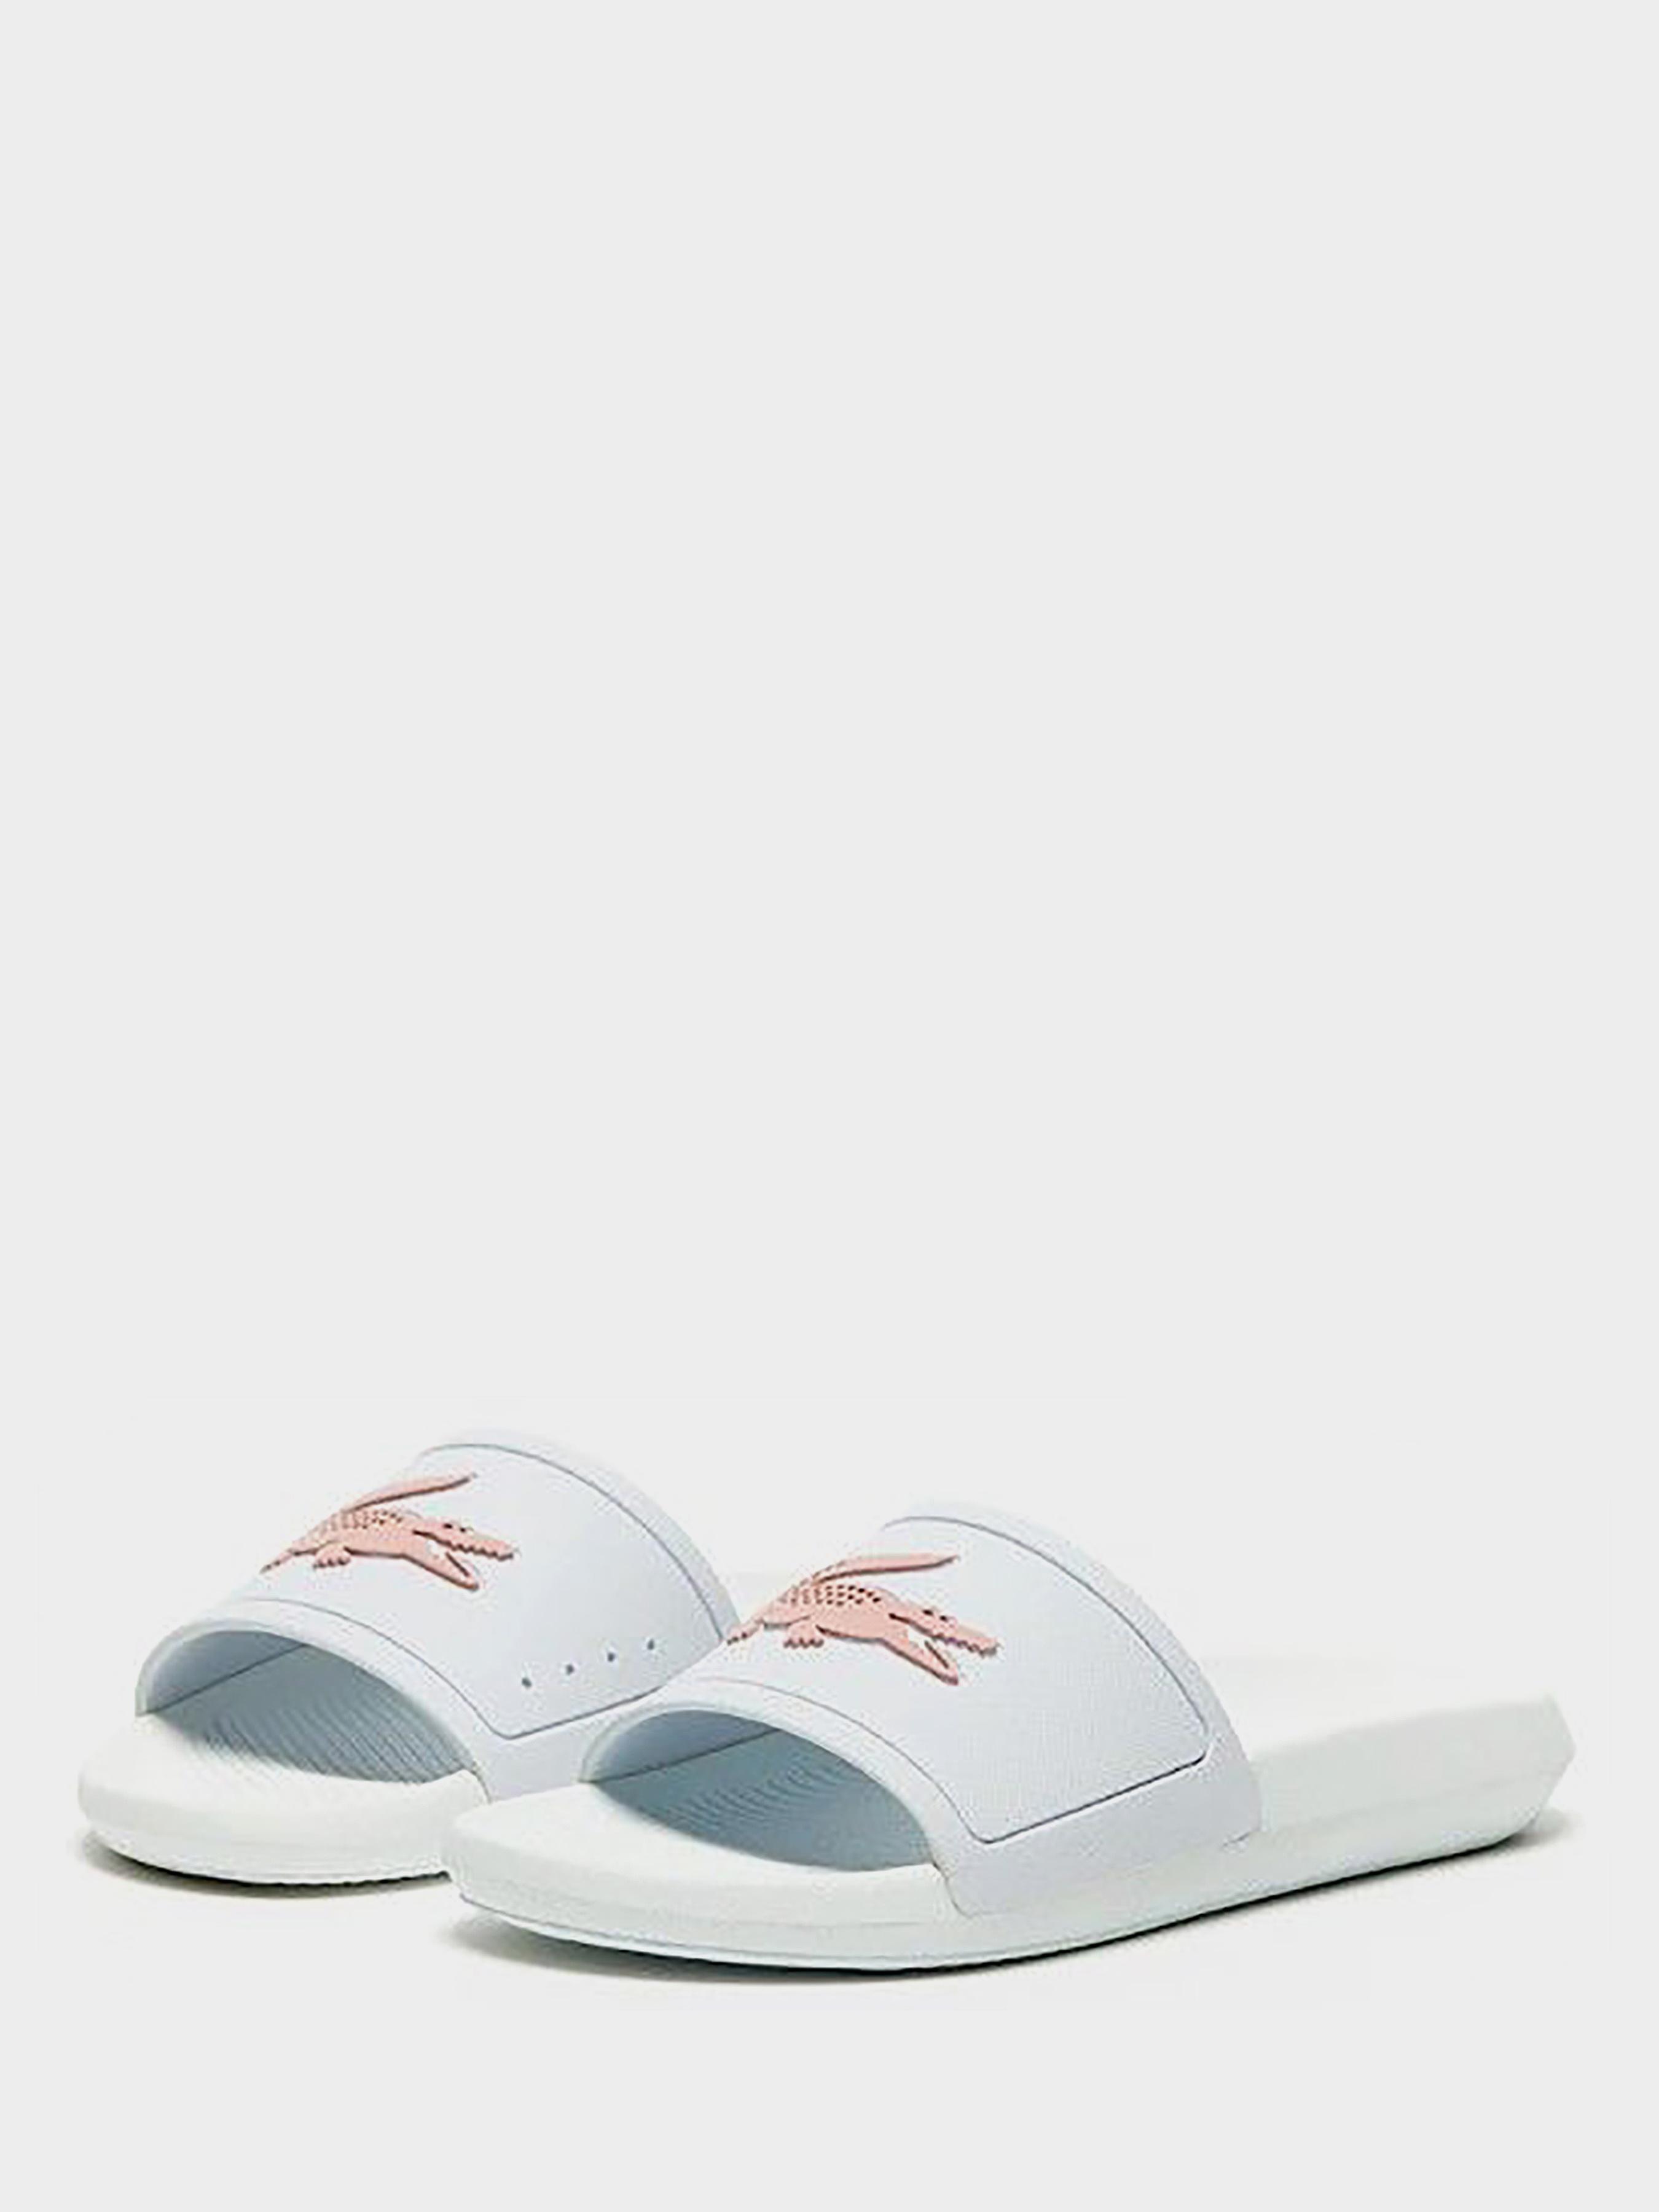 Шлёпанцы для женщин Lacoste LL188 размерная сетка обуви, 2017